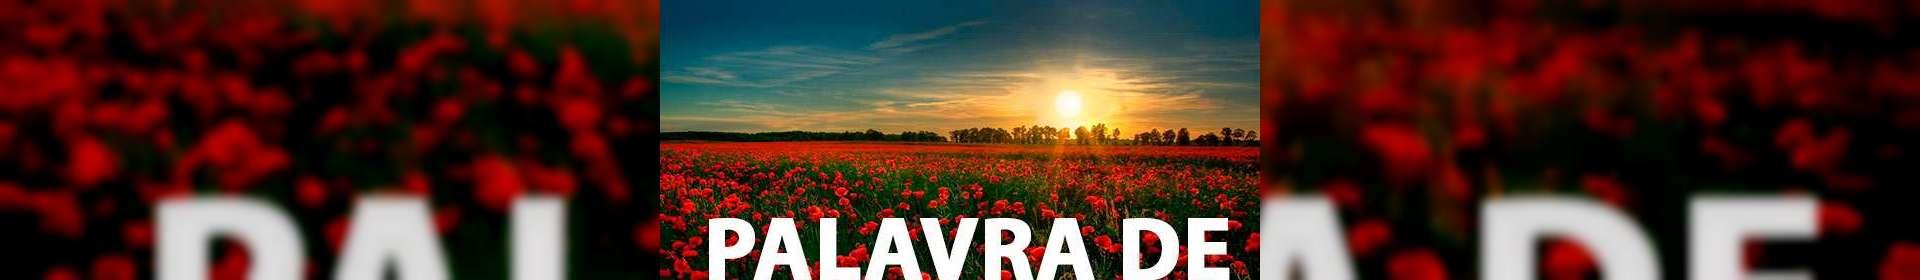 Isaías 12:5 - Uma Palavra de Esperança para sua vida